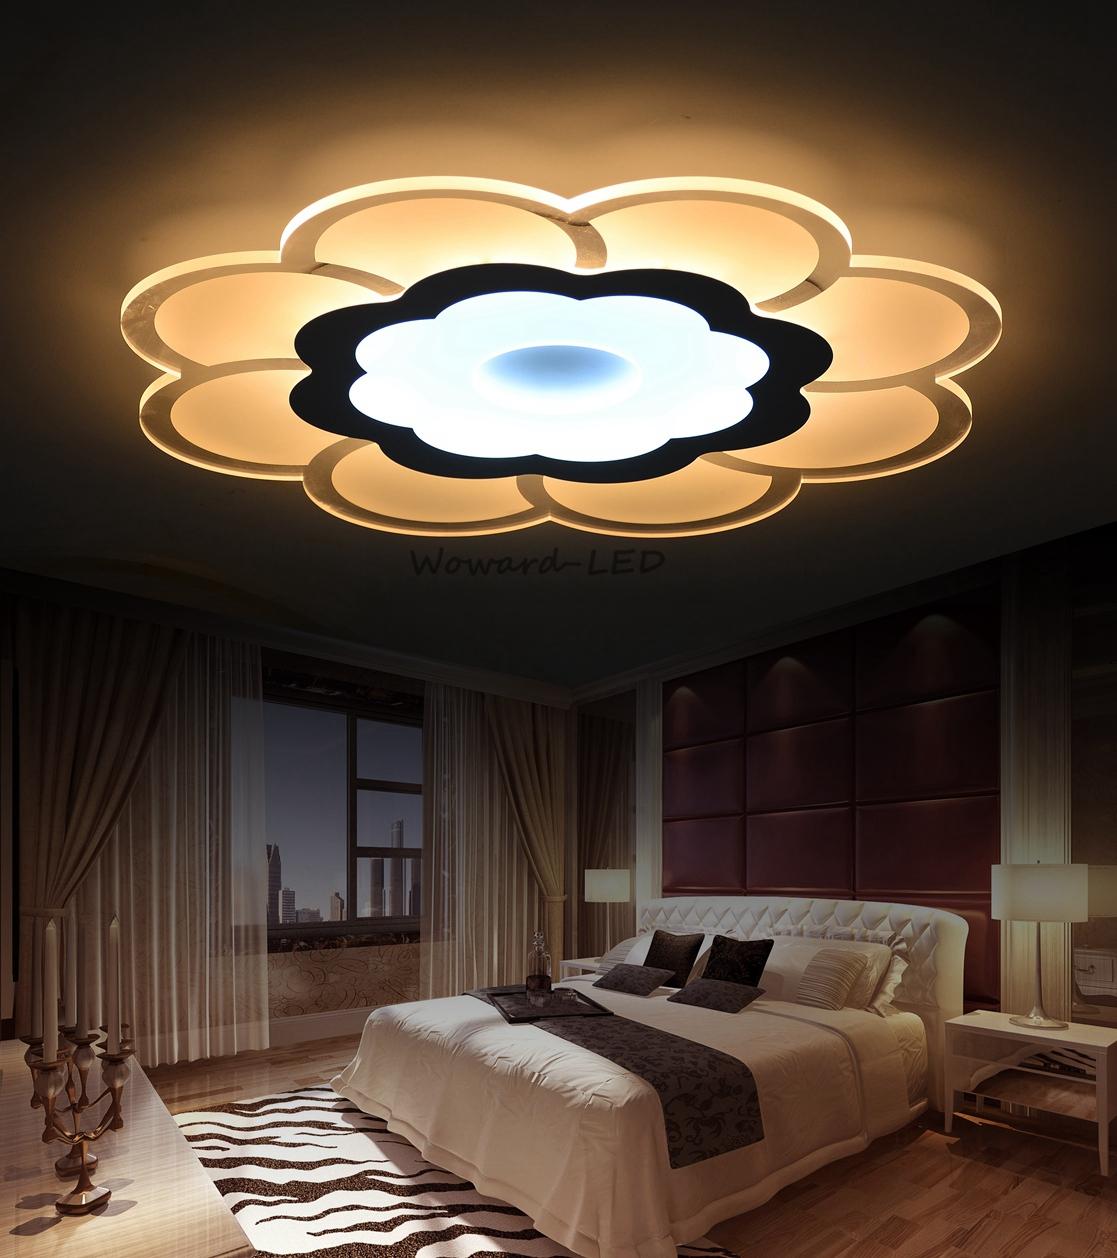 led deckenlampe deckenleuchte 16w bis 108w dimmbar lampe beleuchtung wow blumen1 ebay. Black Bedroom Furniture Sets. Home Design Ideas